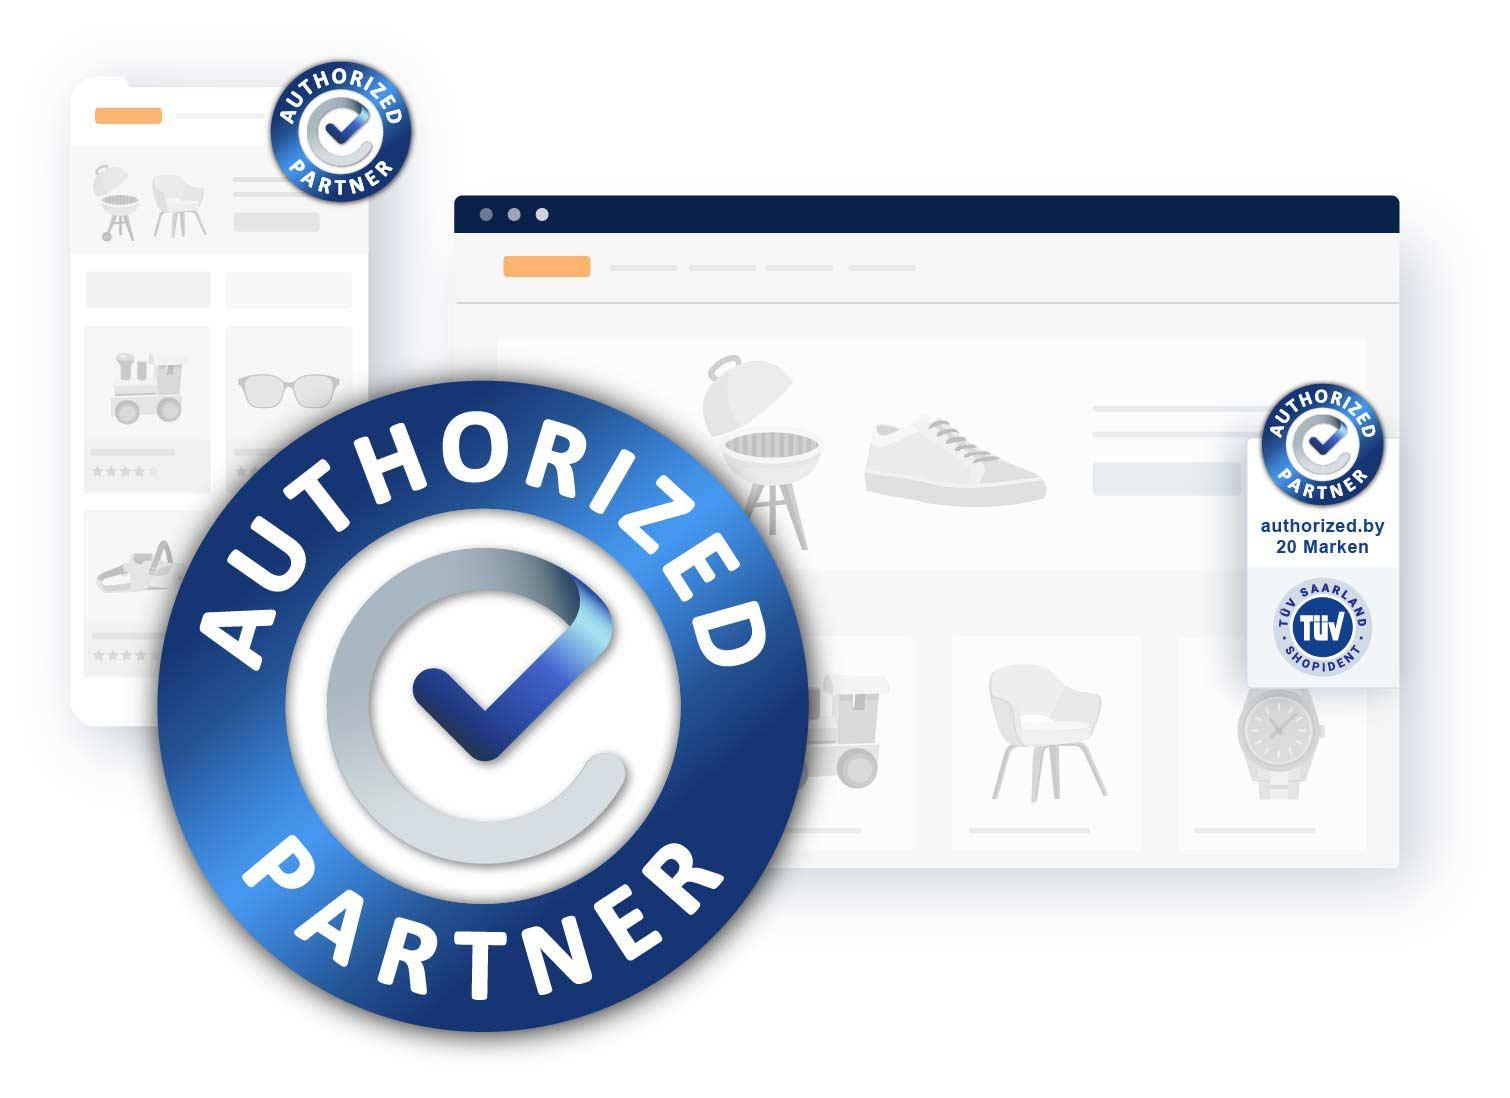 Online-Shops erhalten über die authorized.by®-Plattform die Auszeichnung als autorisierter Markenpartner.